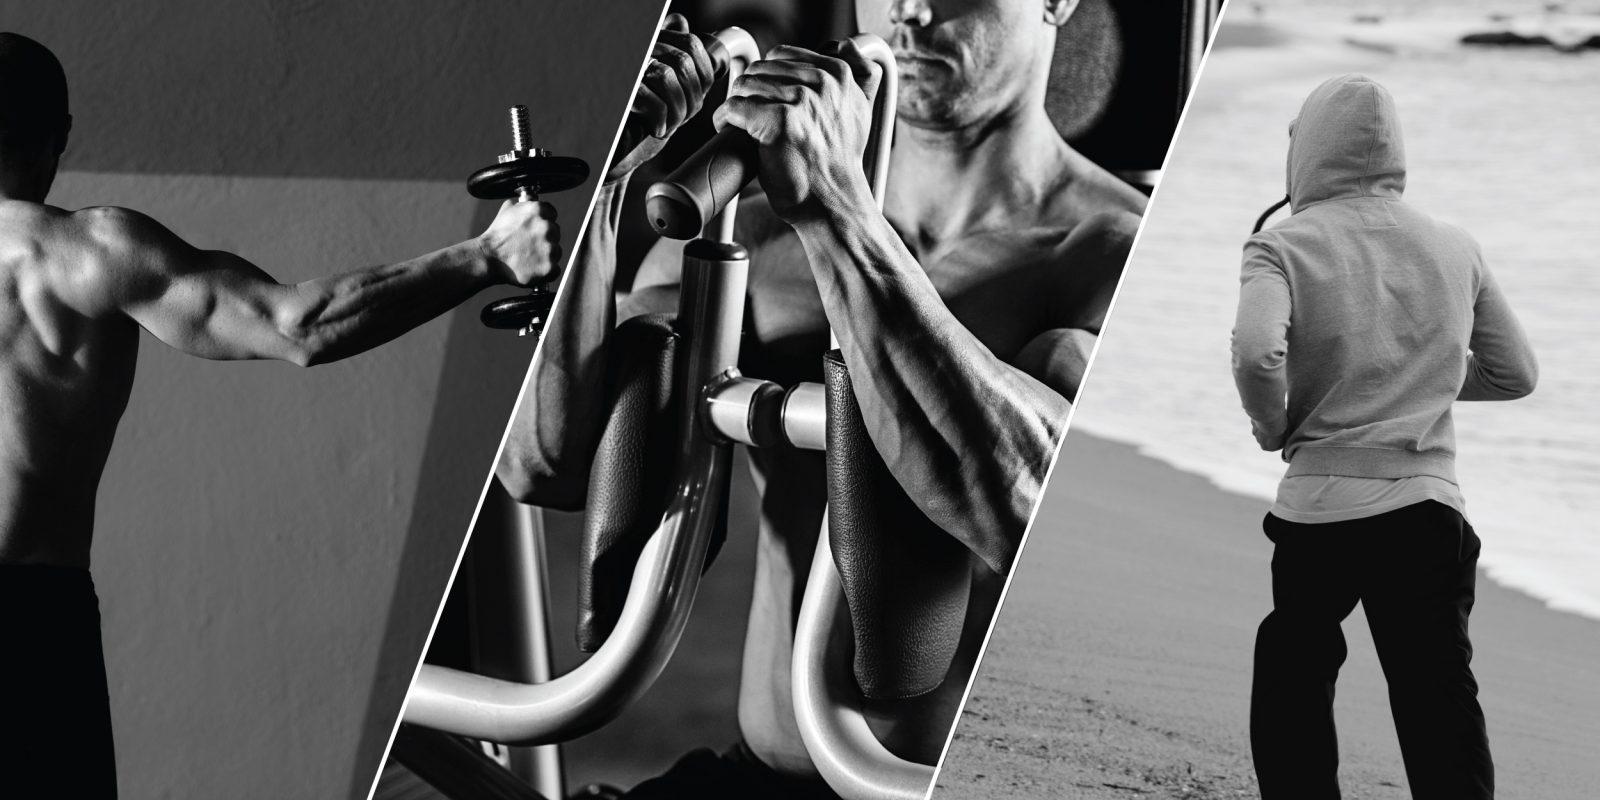 схема силовых физических упражнений для мужчин